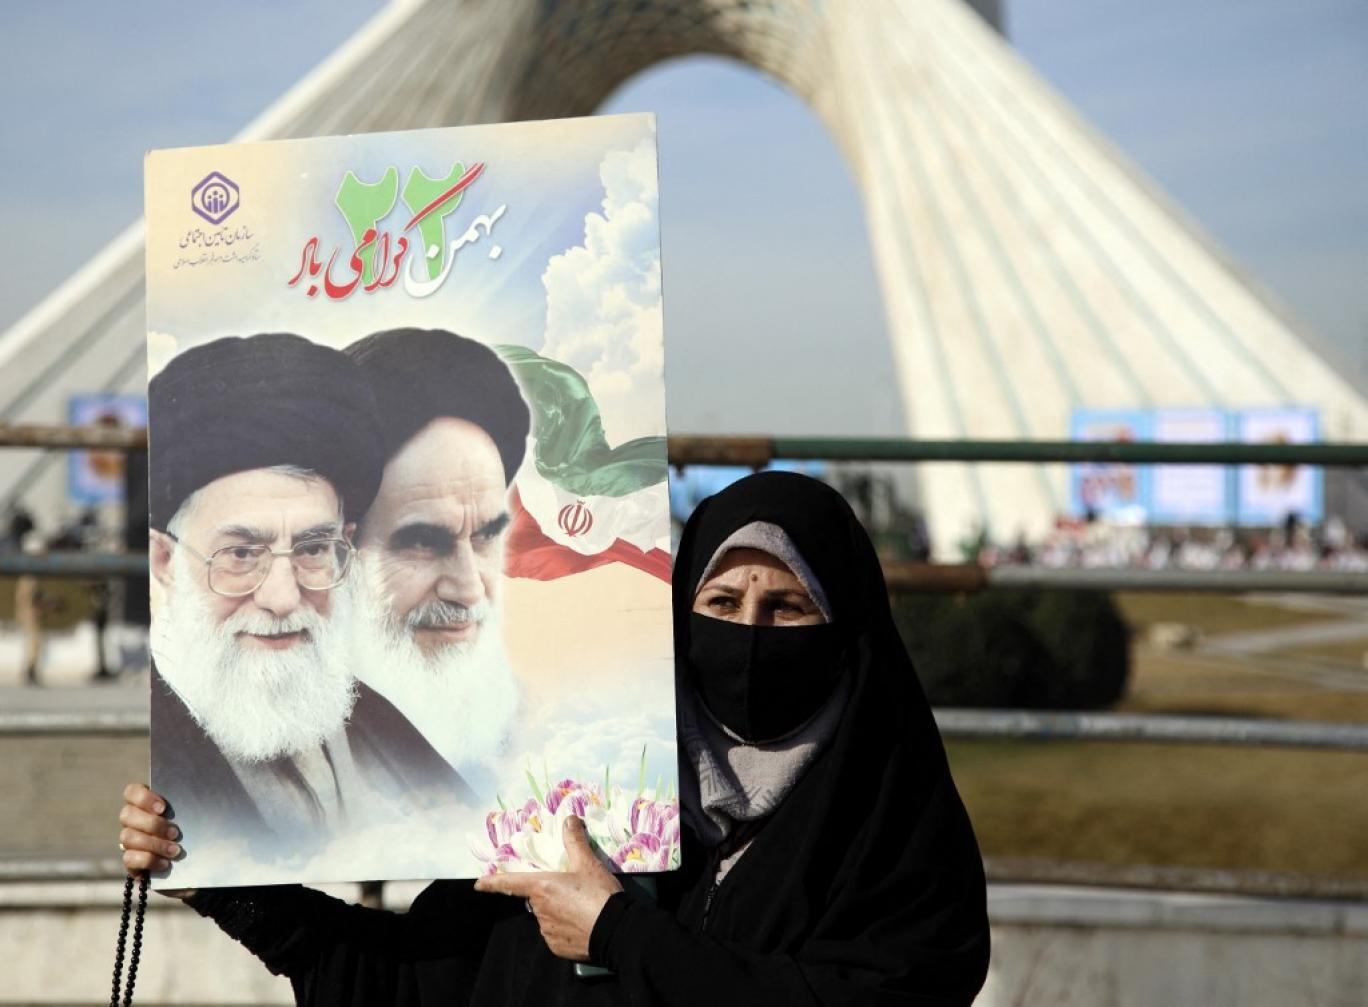 شکست رژیم جمهوری اسلامی از جامعه ایران در چهار قلمرو